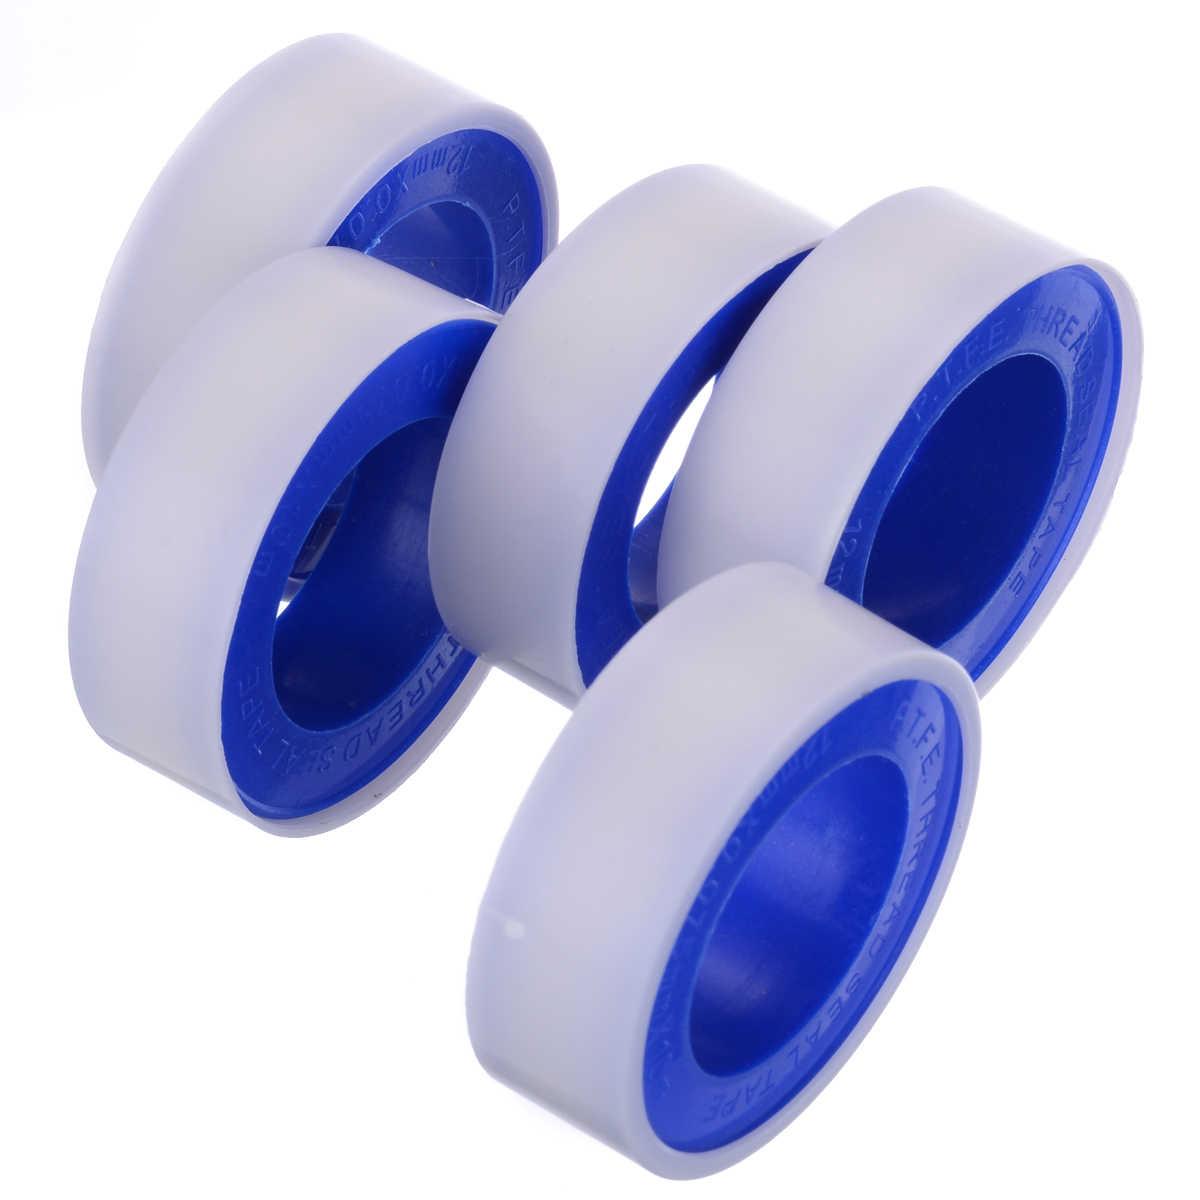 5PCS 10M Roll White Teflon Plumbing Fitting Water Sealing Pipe Thread Seal Tape